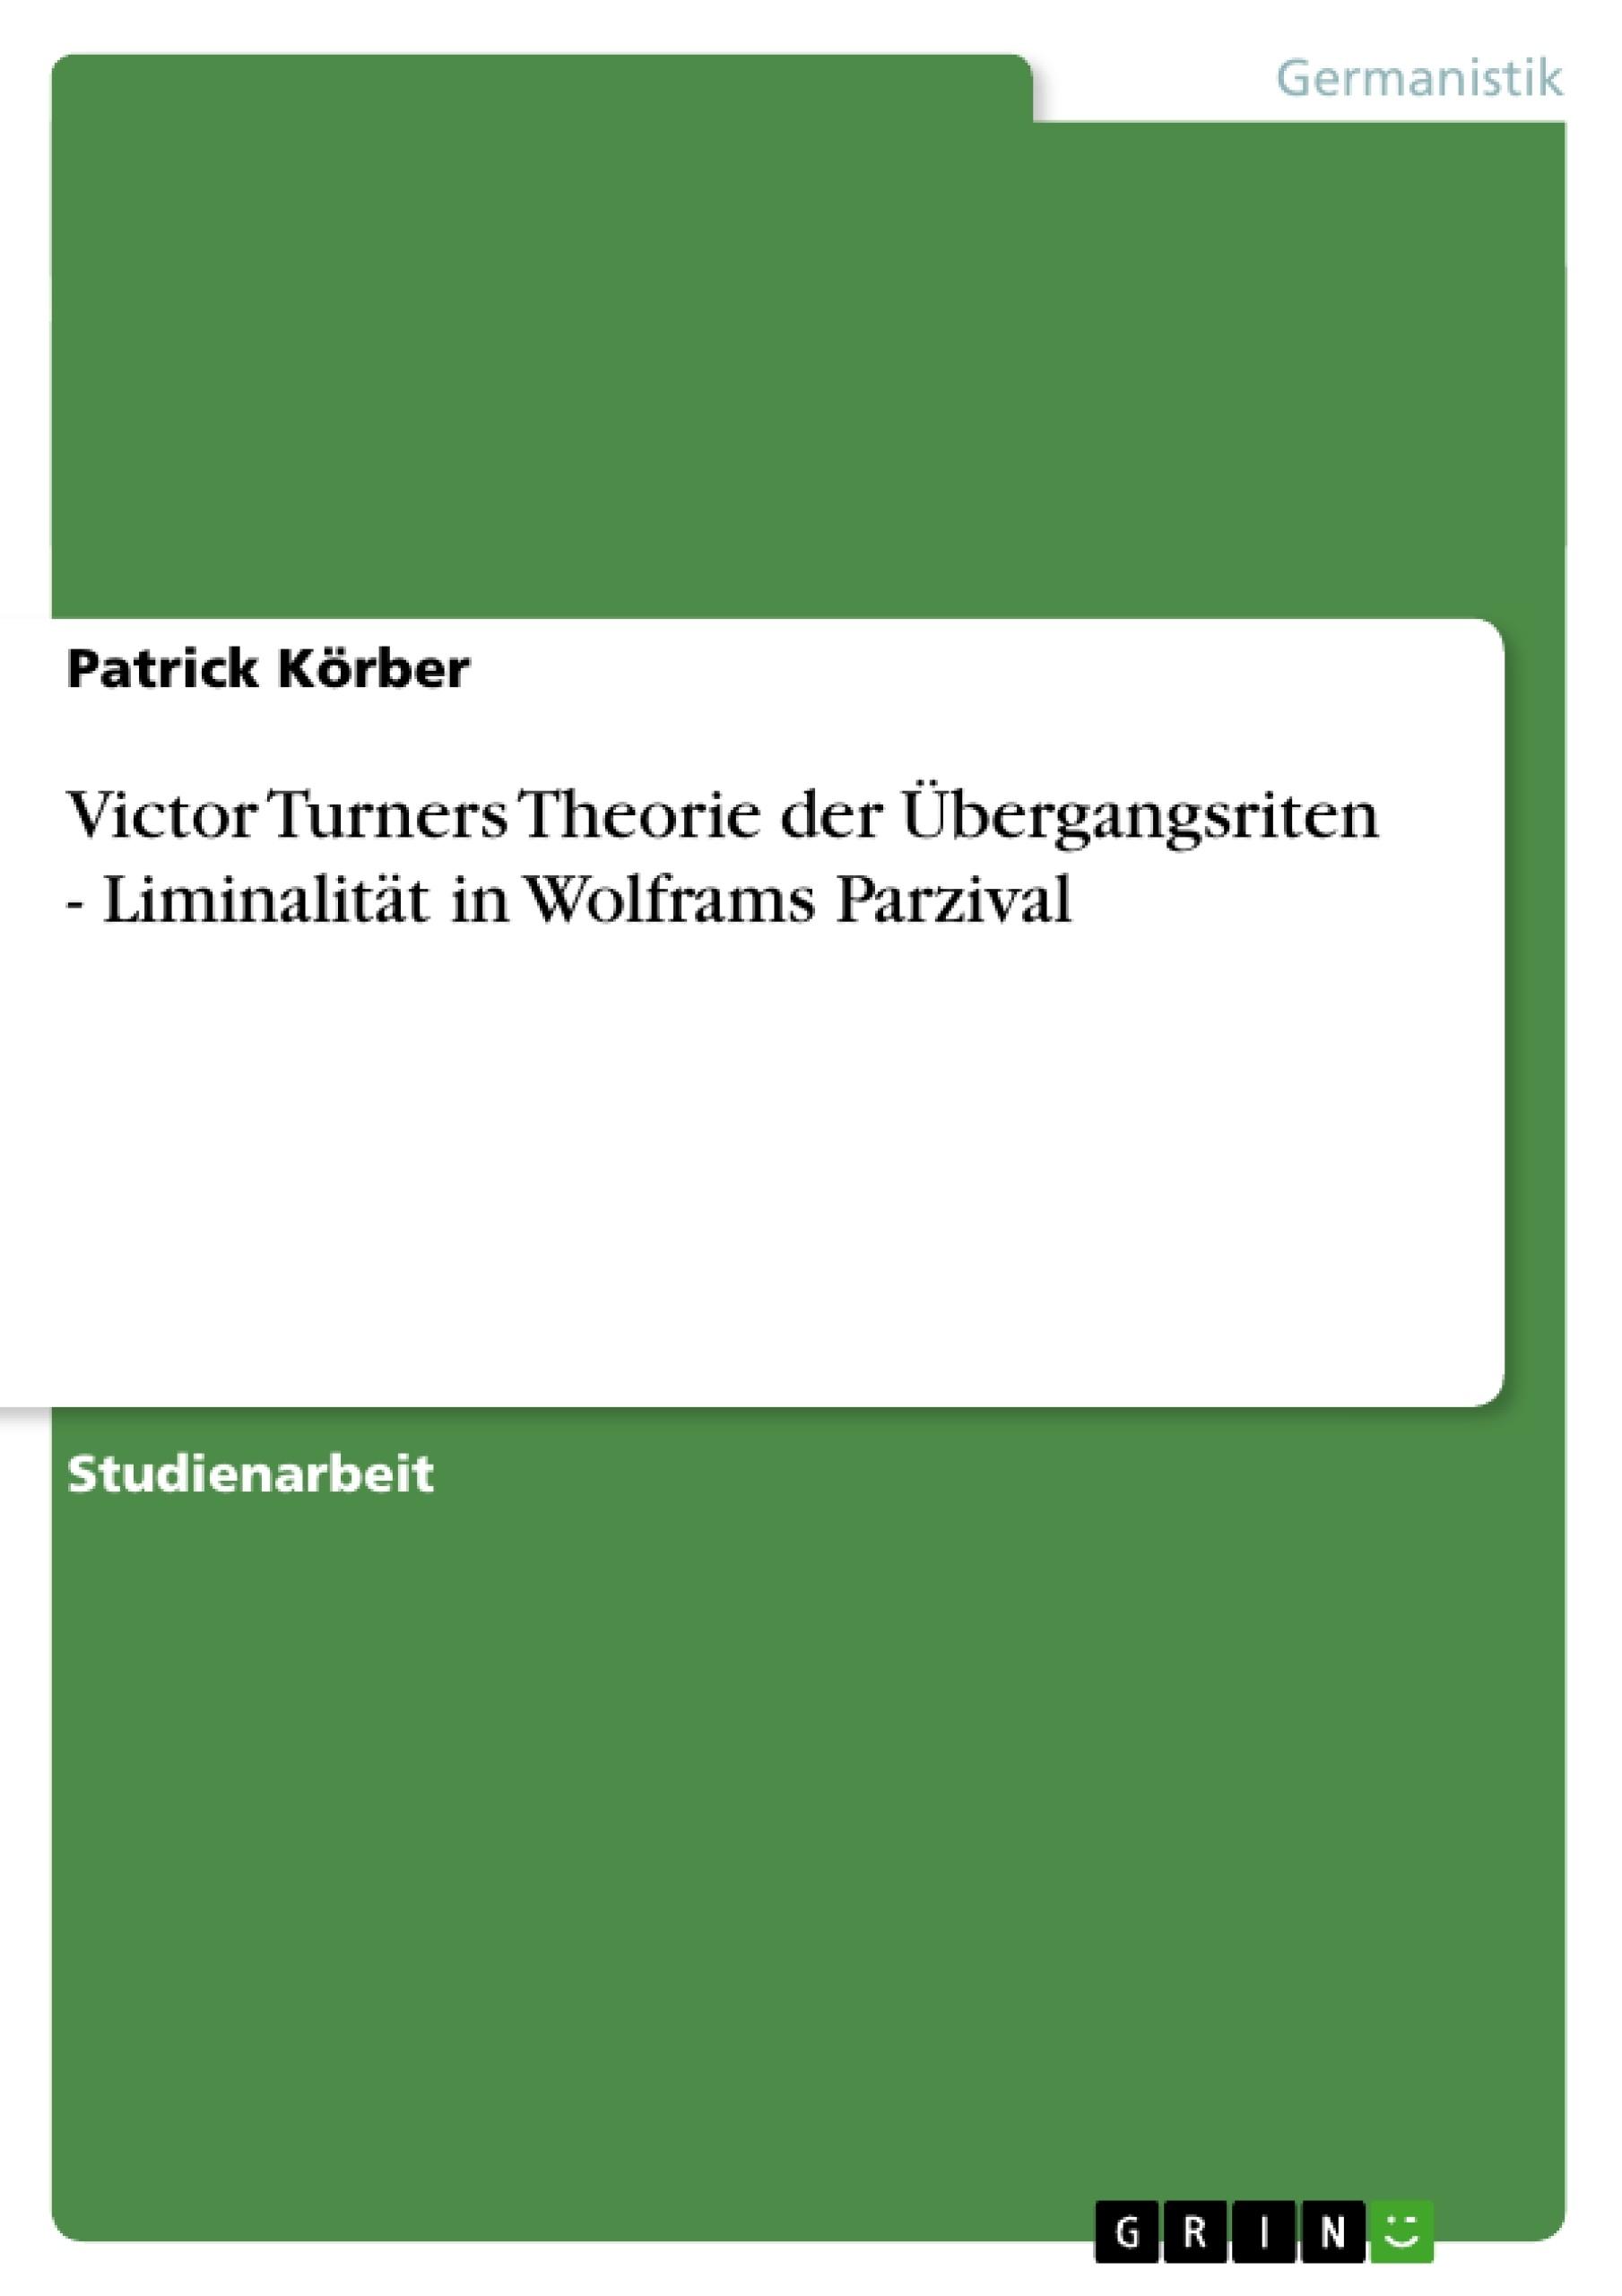 Titel: Victor Turners Theorie der Übergangsriten - Liminalität in Wolframs Parzival